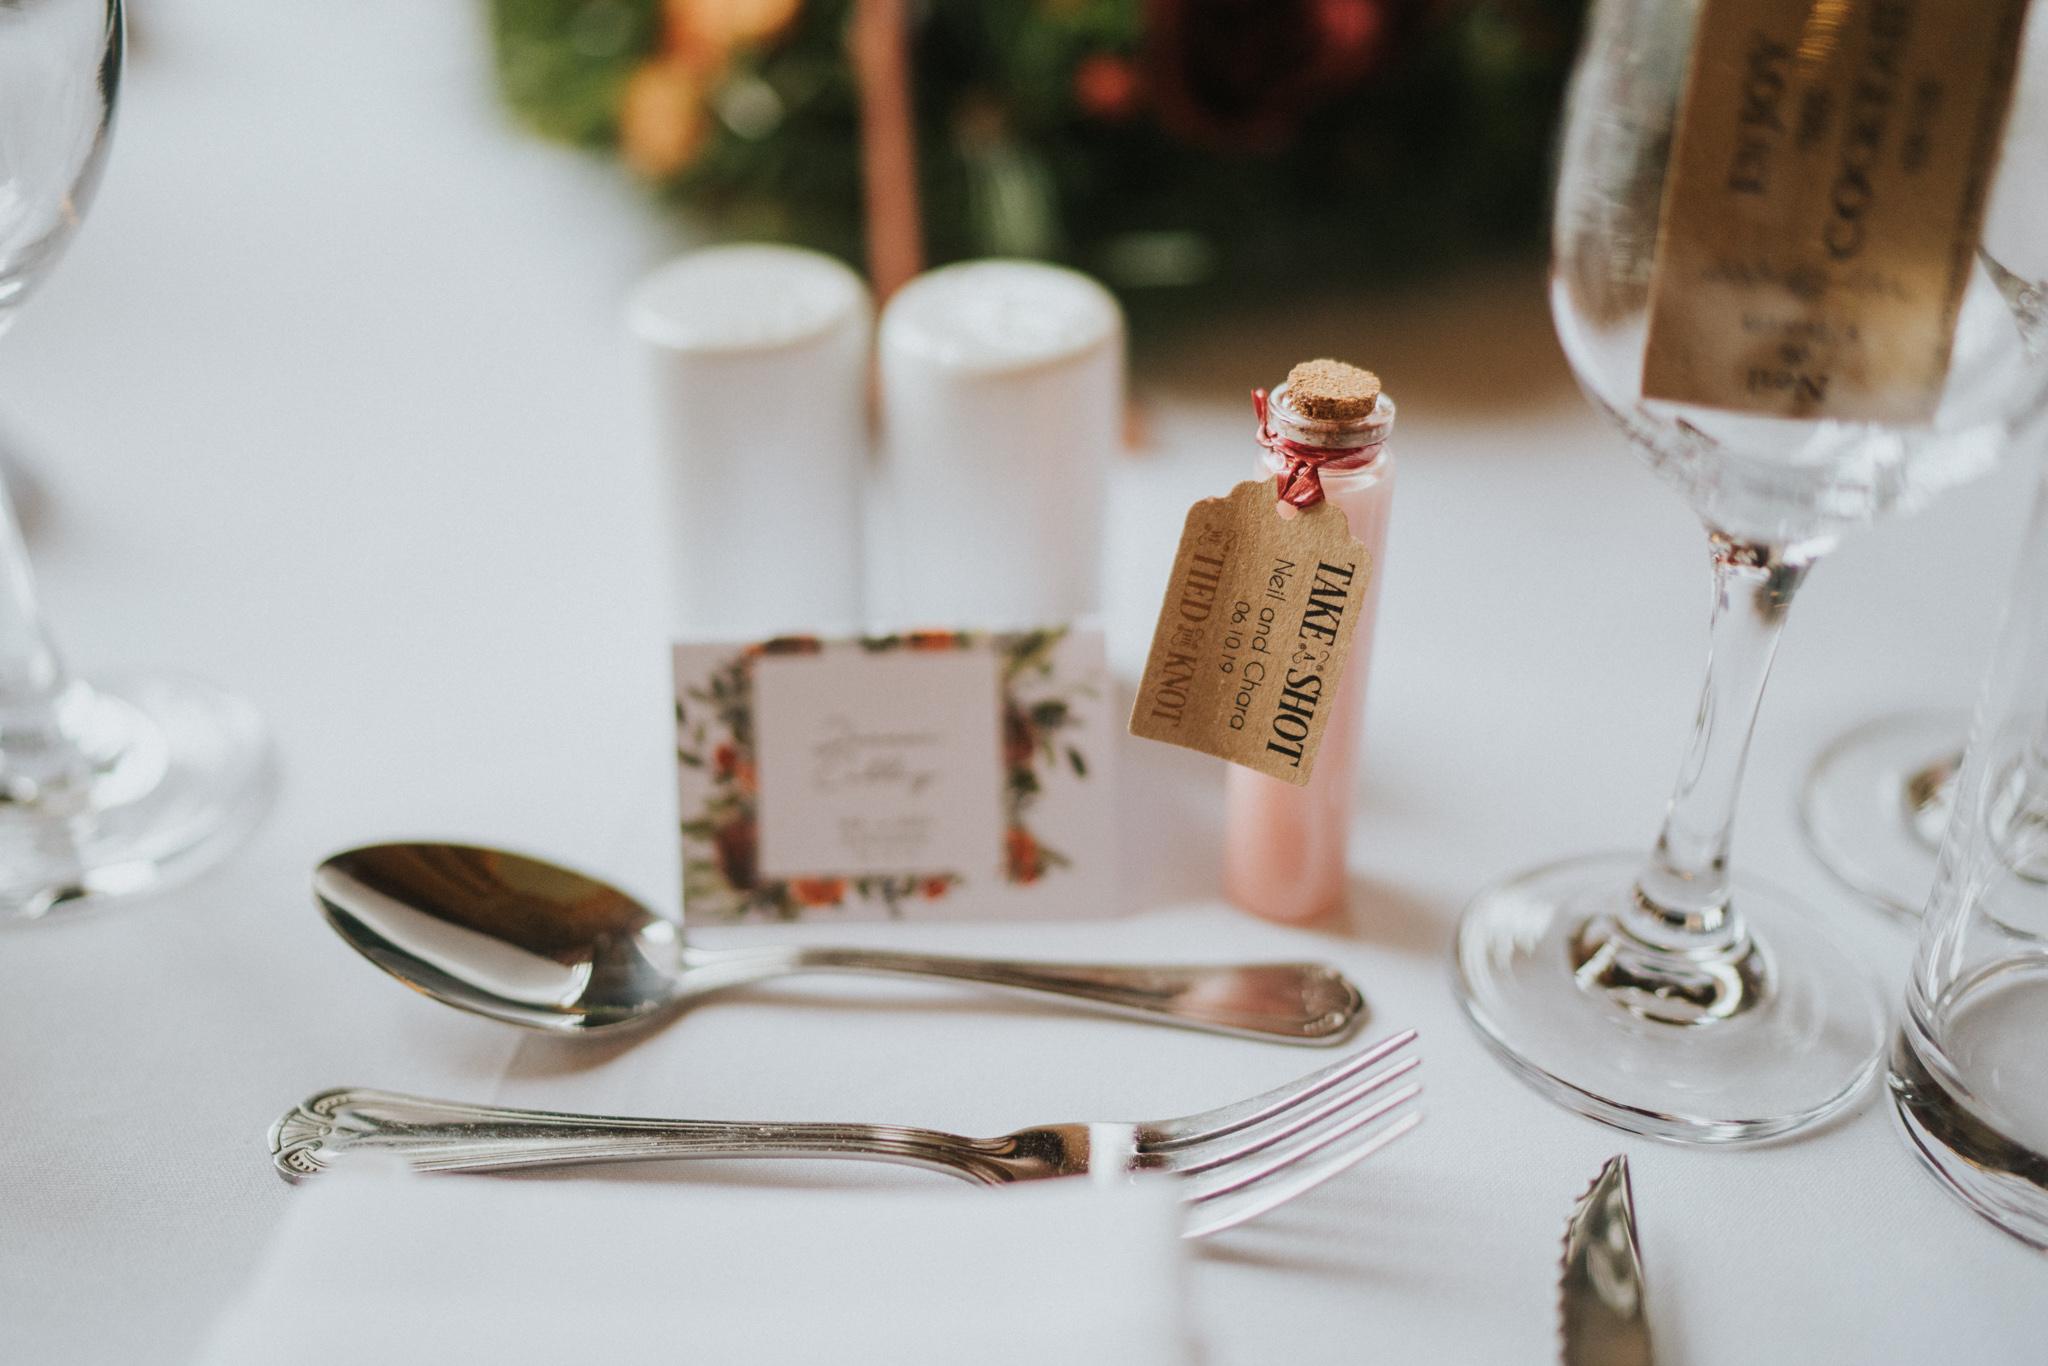 chara-neil-gosfield-hall-wedding-grace-elizabeth-colchester-essex-alternative-wedding-photographer-essex-devon-suffolk-norfolk (38 of 50).jpg